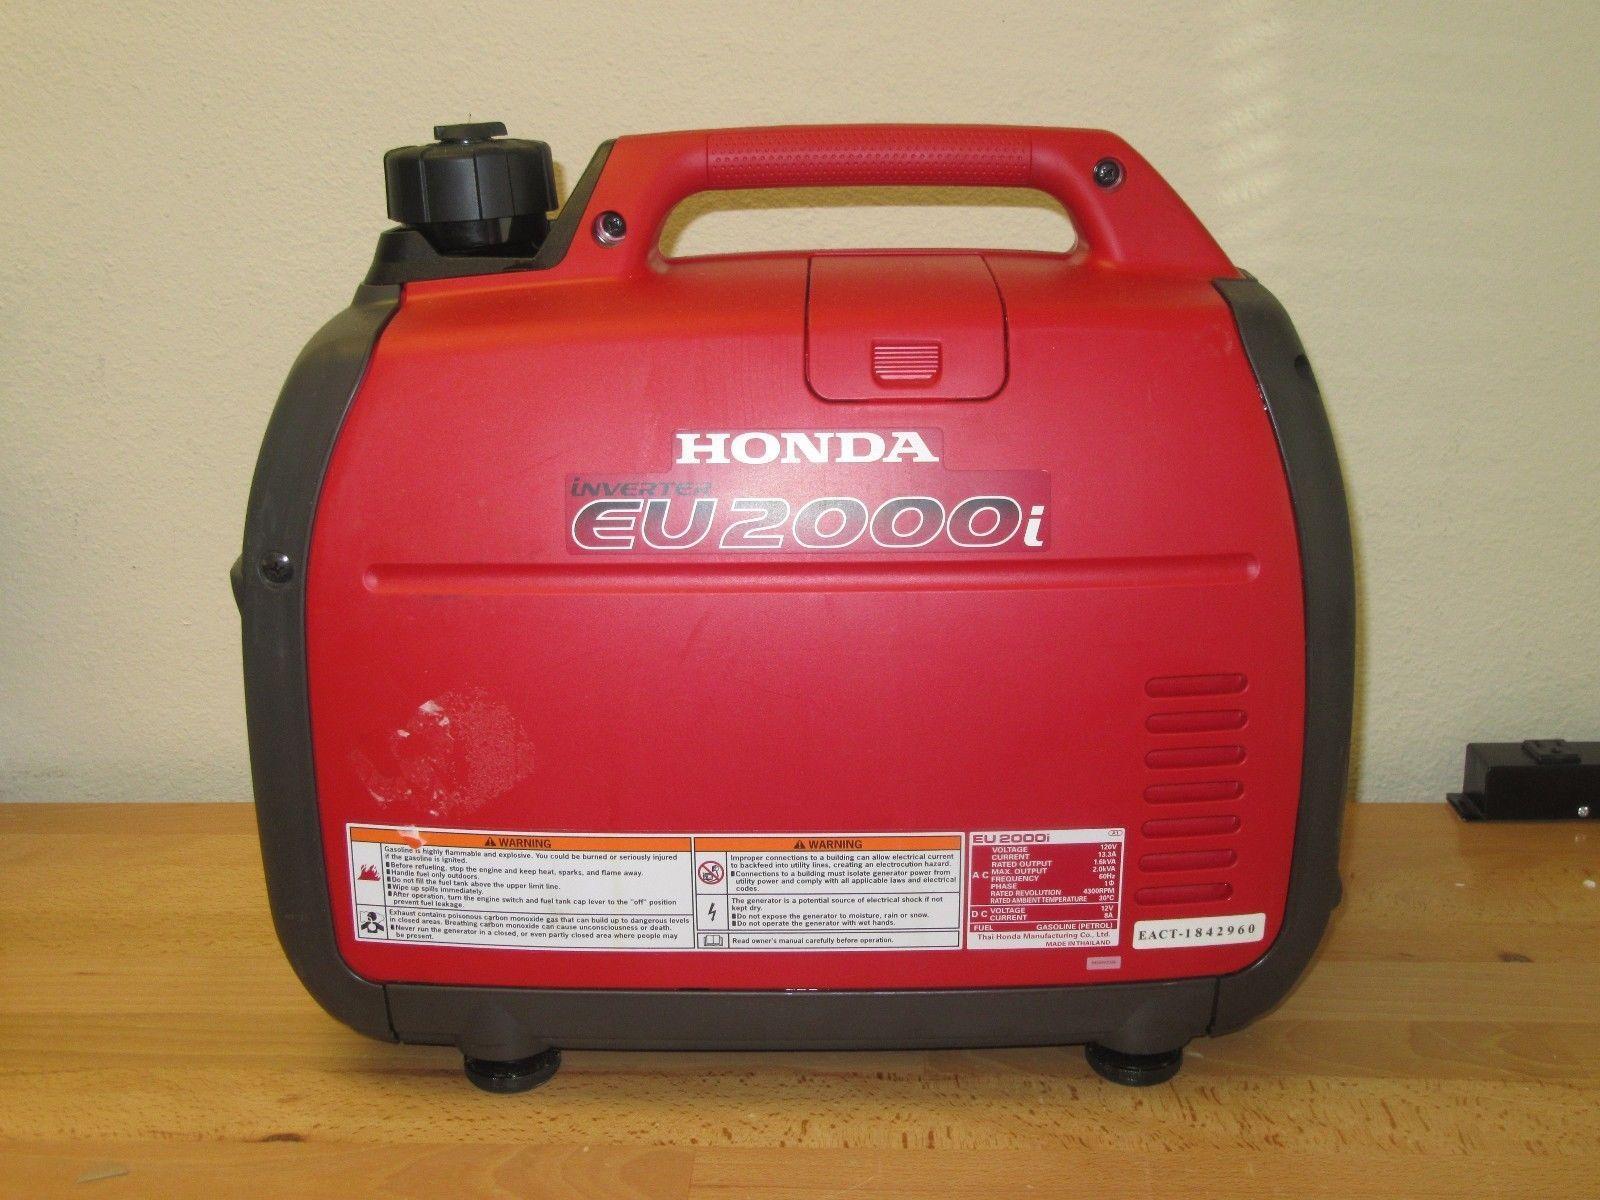 Honda EU2000I Super Quiet 2000 Watt Portable Generator with